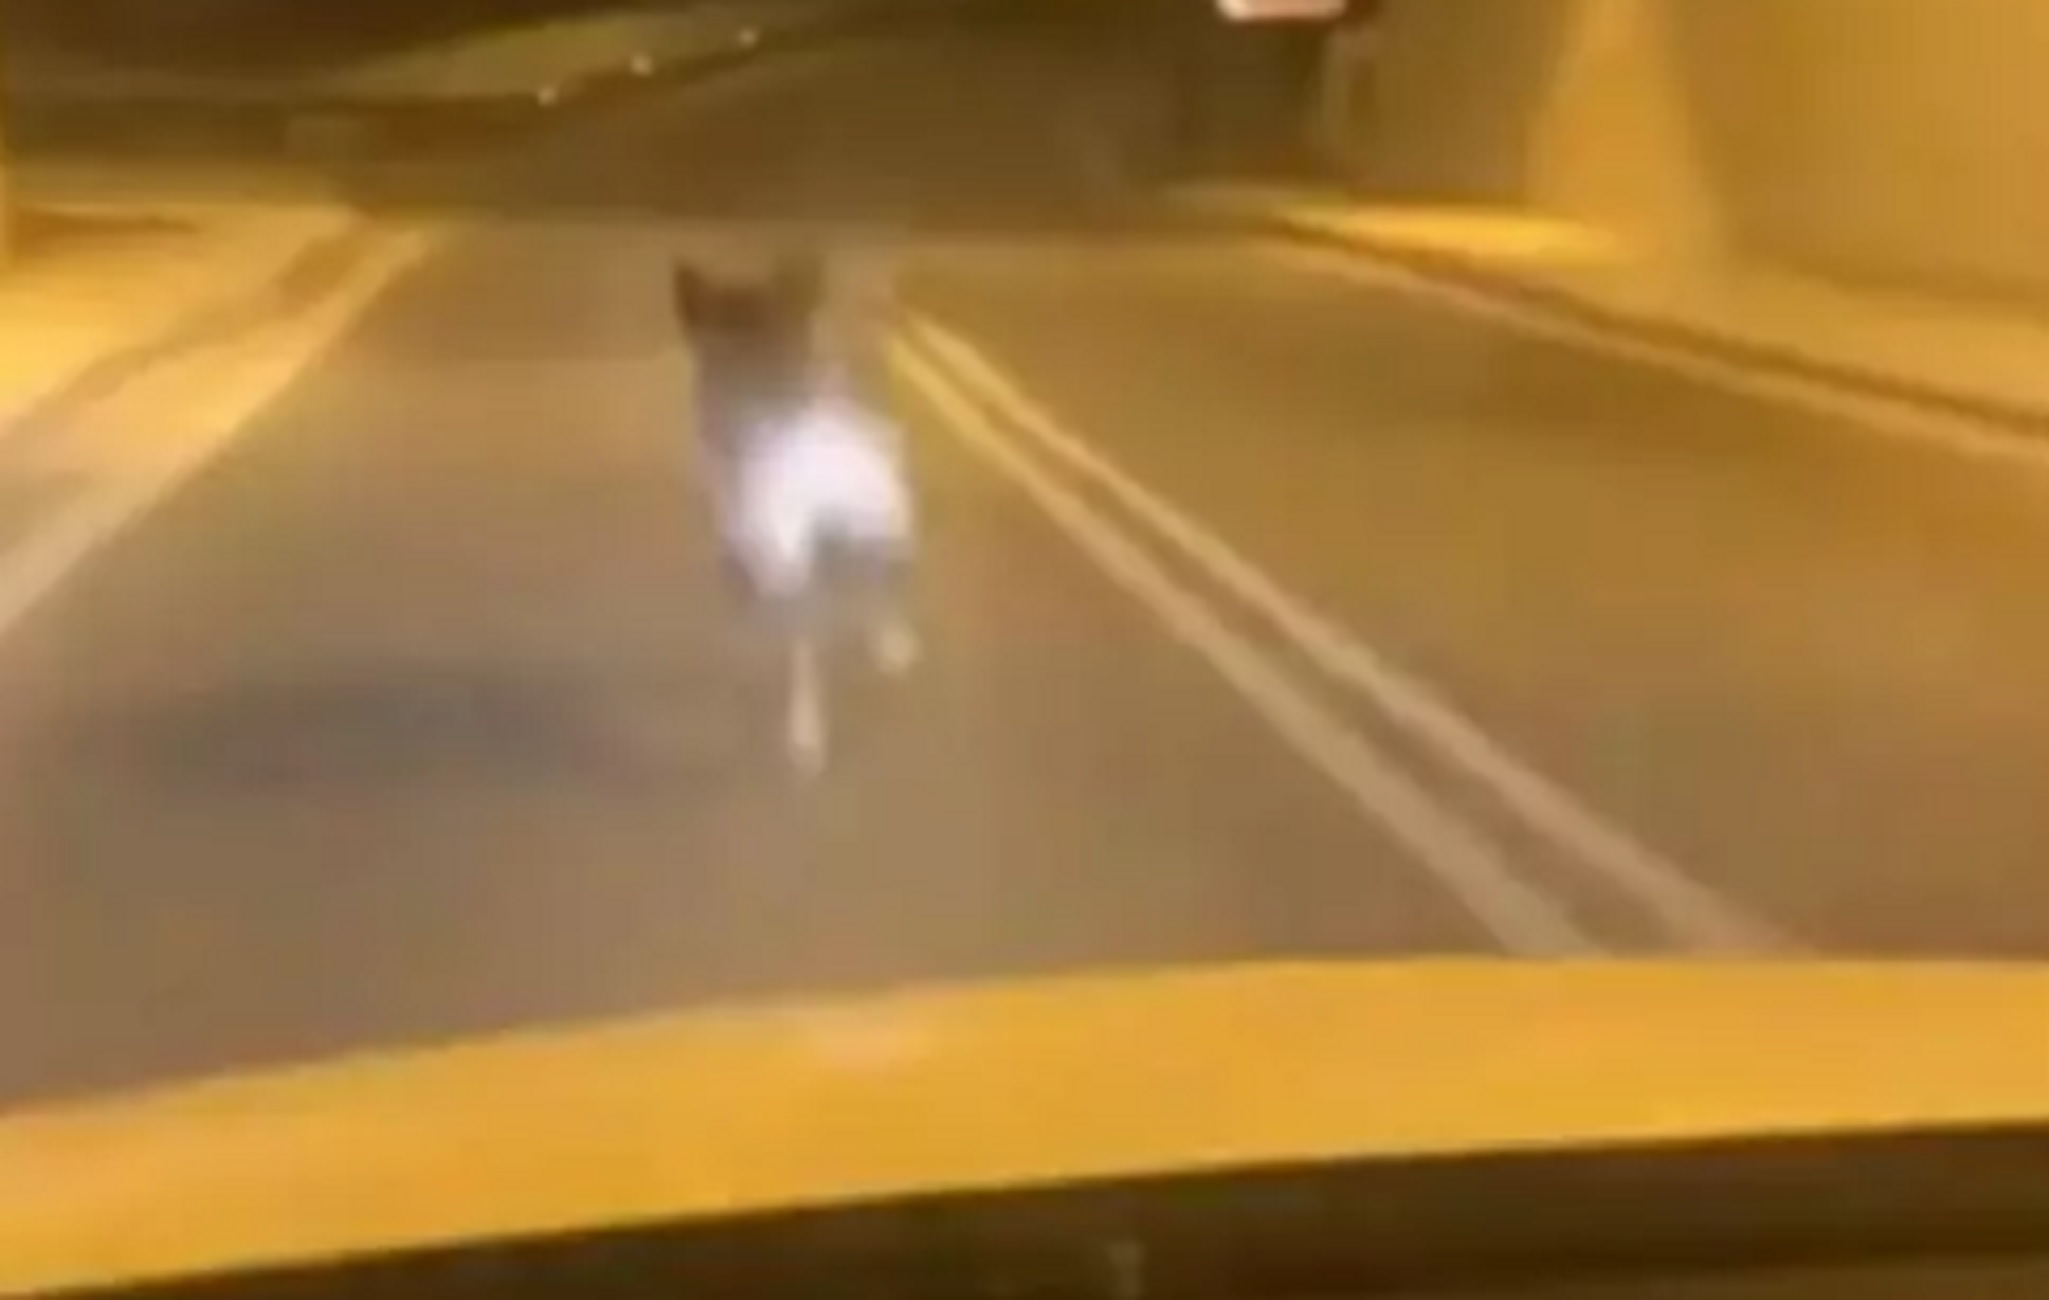 Εθνική Οδός: Το αγριογούρουνο που πηγαίνει σφαίρα – Κινείται πιο γρήγορα από το αυτοκίνητο (video)